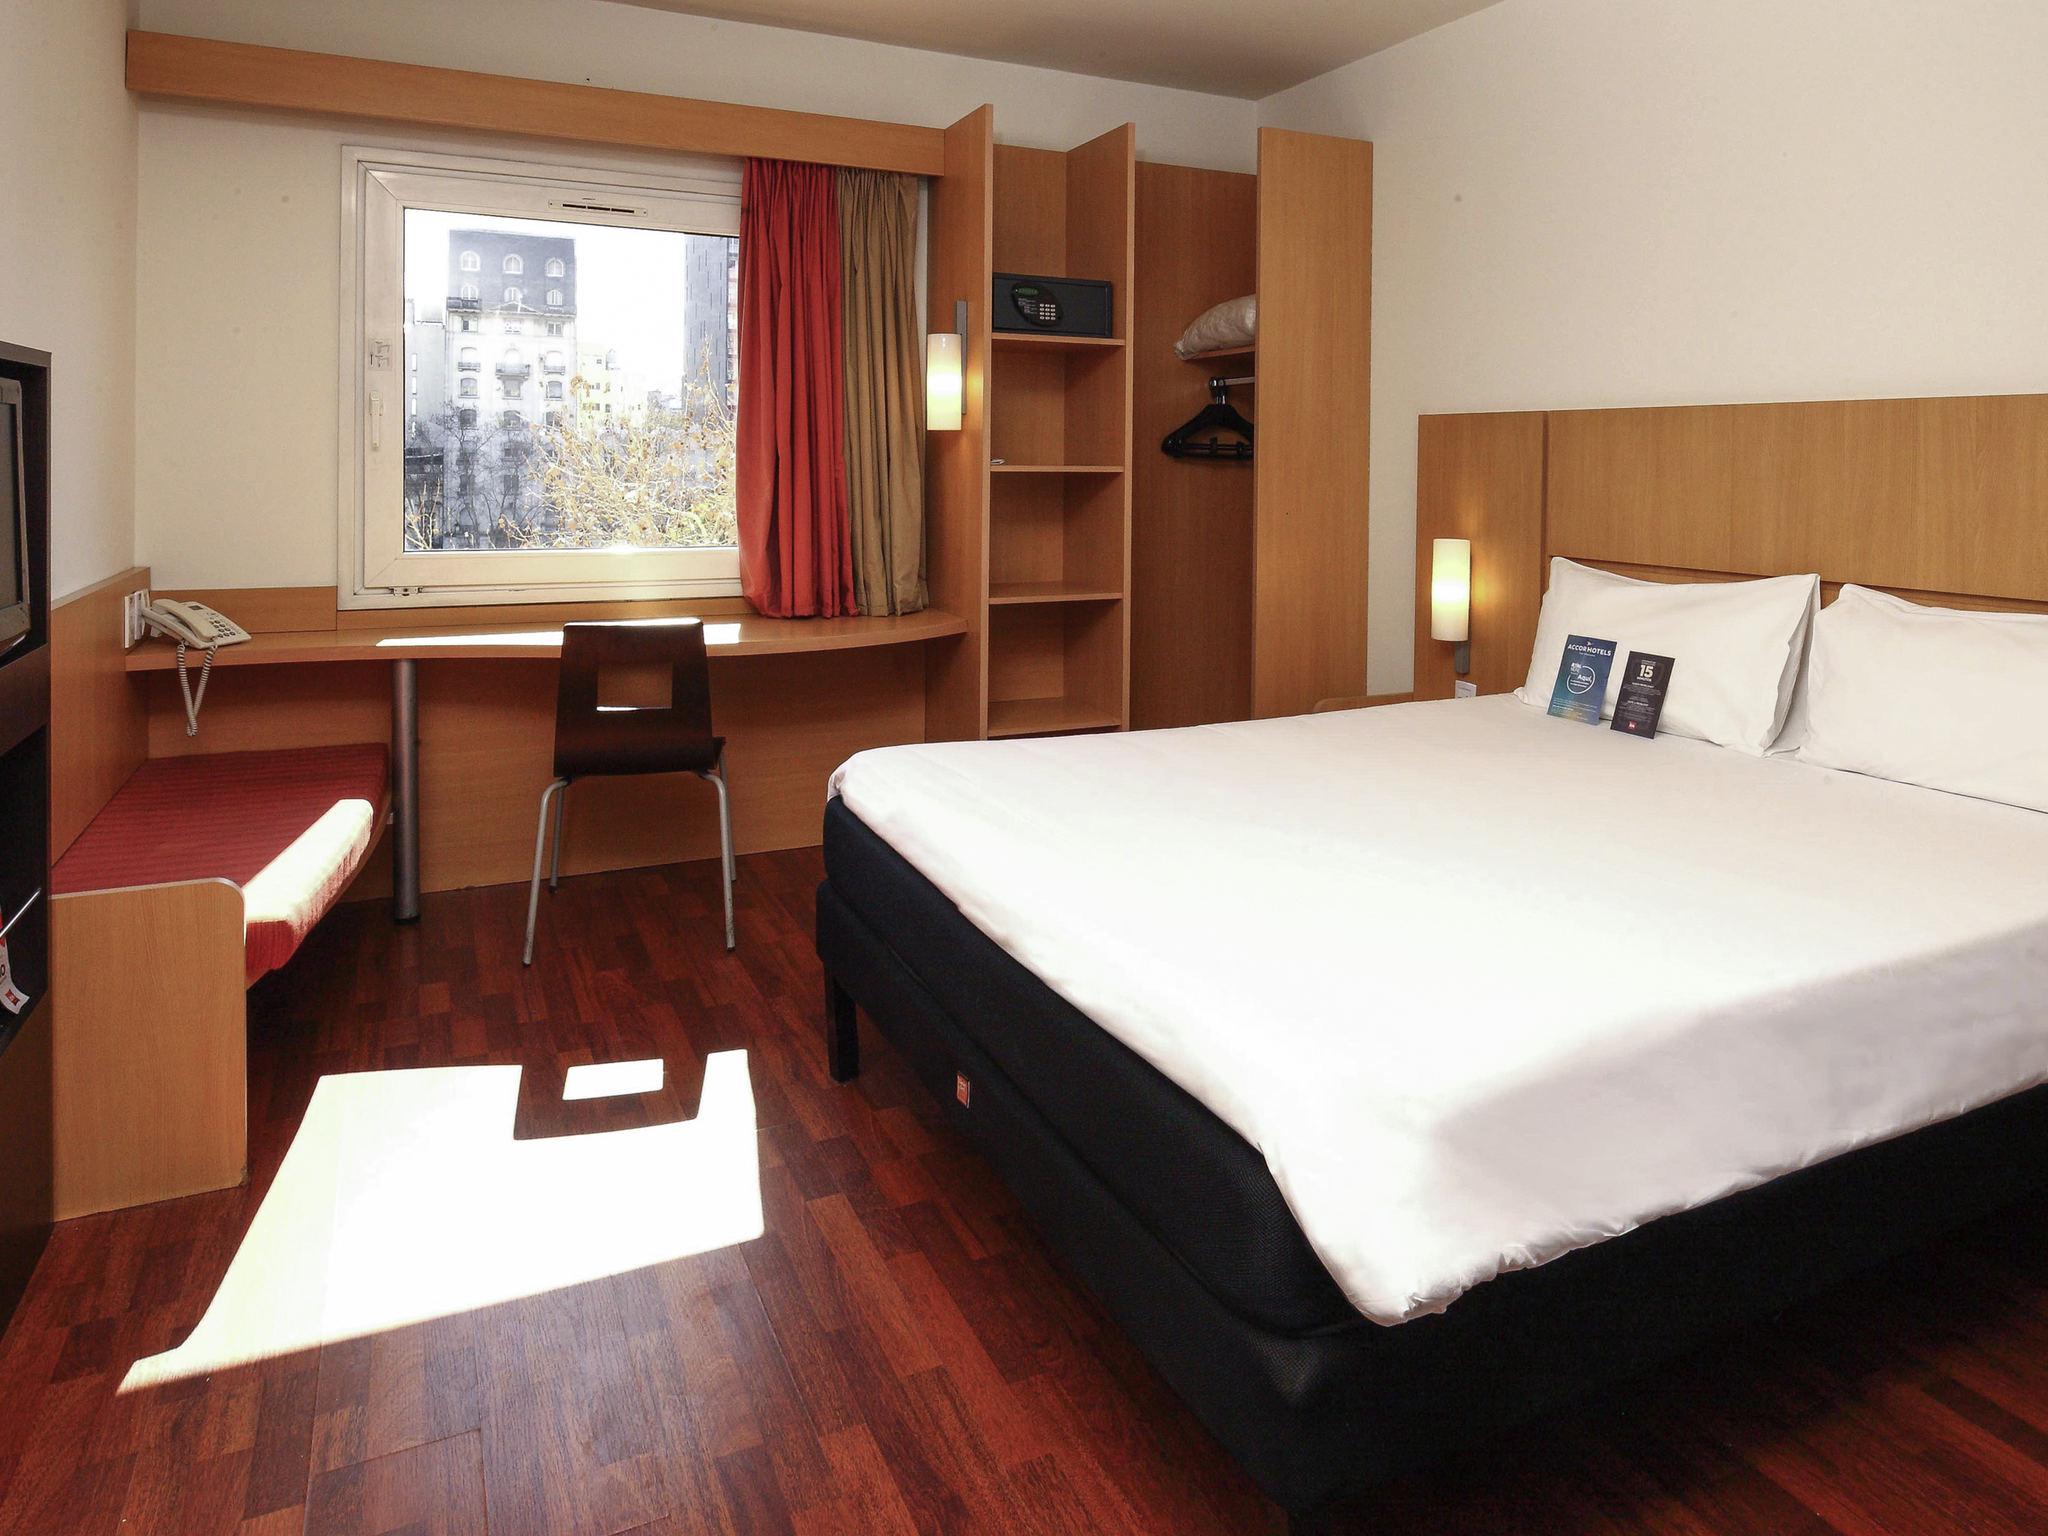 酒店 – 宜必思布宜诺斯艾利斯国会大厦酒店